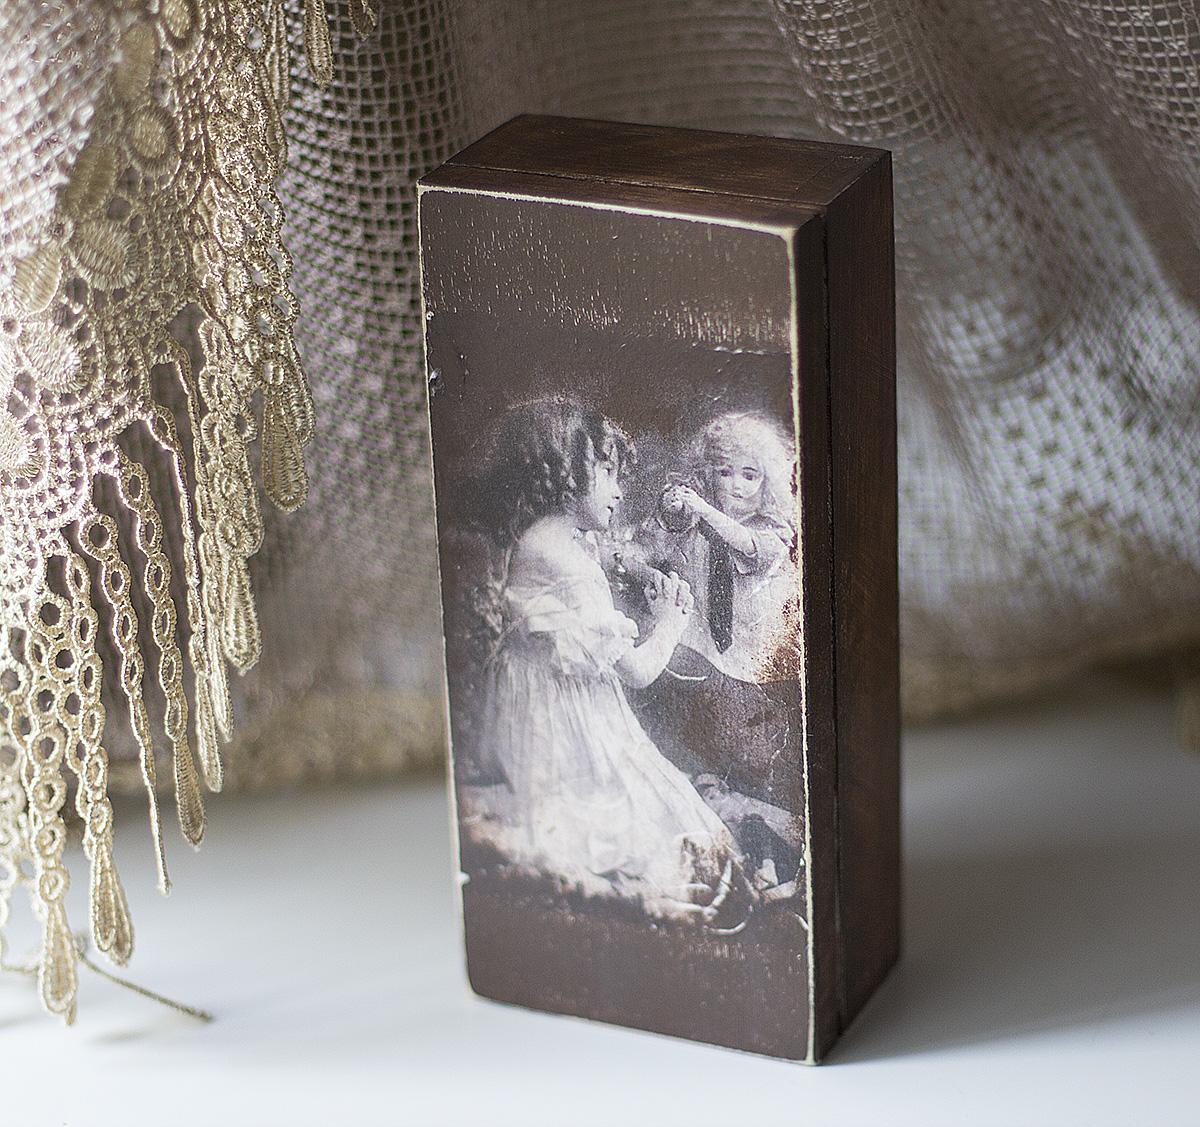 в этой состаренной шкатулке в винтажном стиле будет храниться антикварная кукла